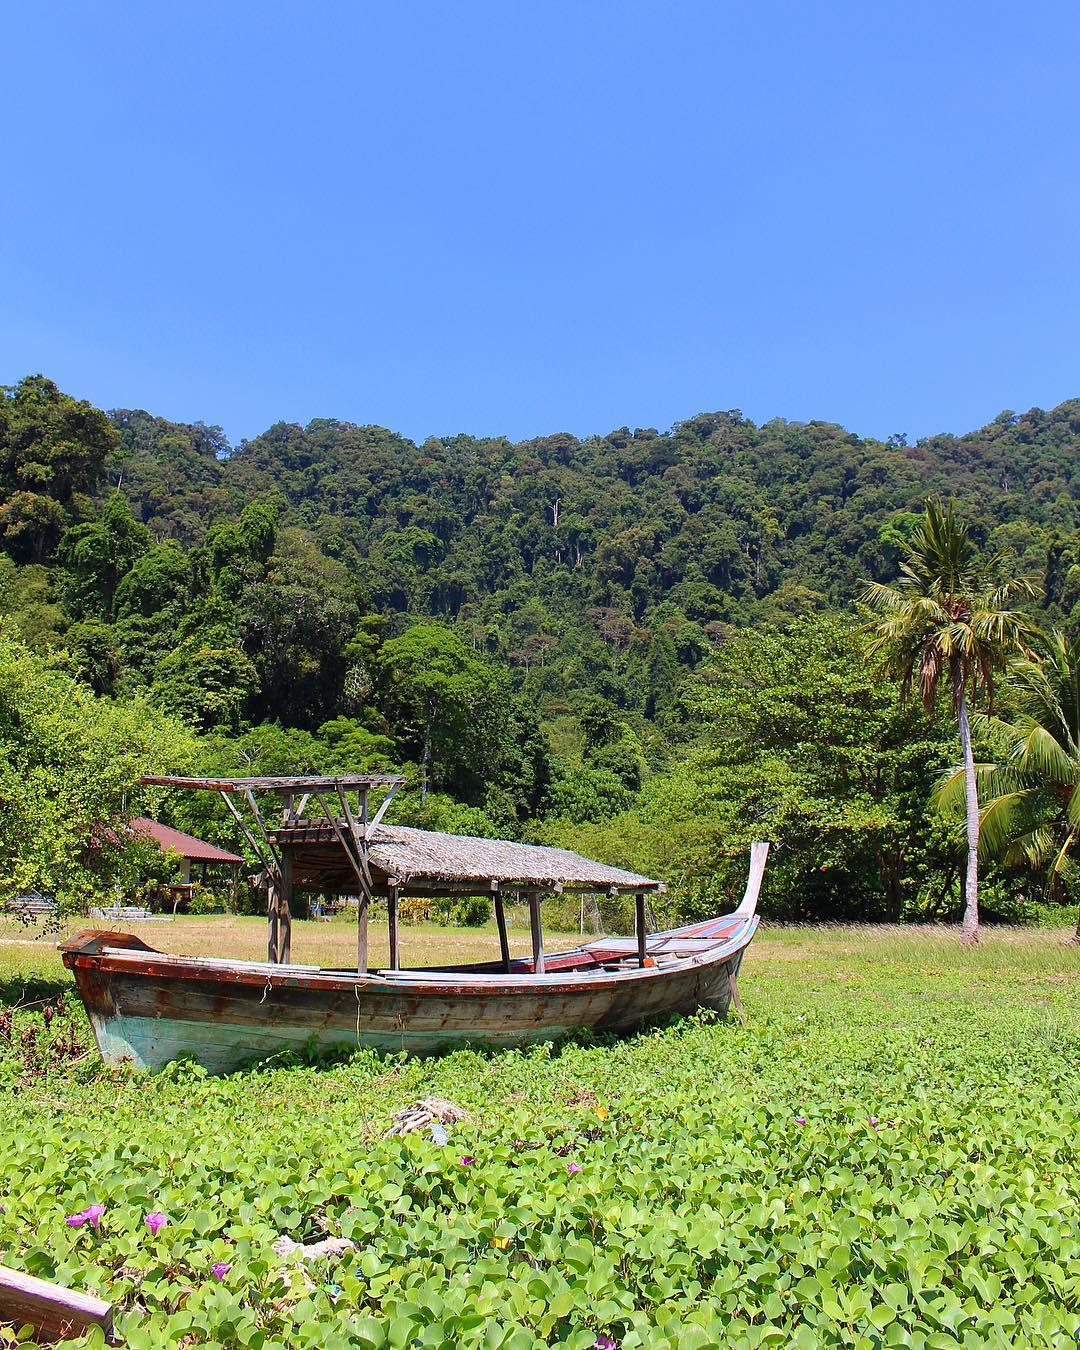 Entre terre et mer ????♀️????? . ??♀️ Le parc national maritime de Surin (Ko Mu Surin) est composé de 5 îles dont 2 grandes îles distantes d'une centaine de mètres. . ??♀️ Le site est exceptionnellement calme et reste naturel car les visites de l'archipel sont restreintes et contrôlées. Aucune construction n'y est autorisée ! . ??♀️ Les seuls habitants à Surin Tai sont les Mokens (quelques peu méprisés par les autorités), ils sont pauvres et subsistent grâce aux produits de la mer. Koh Surin Nua est la plus grande (5 km). . ??♀️ Ces îles uniques sont composées de la plus grande et la plus fertile barrière de corail de la Thailande. Les fonds peu profonds (25 à 30 m) sont d'une grande richesse et représentent un des plus beaux sites de plongée au monde. . ⛴______ ➕ l  Les îles SURIN . ? | Khao Lak • Côte Ouest Thaïlande . ? | #PintadeThailande ? | Thaïlande Nord & Côte Ouest ??? ______ #thailande #thailand #bangkok #kohphiphi#kohlanta #kohsamui #kohphangan #kohtao #khaolak #chiangmai #cityguide #cityTrip #travel #blogTravel #TravelBlog #bloggervoyage #voYage #blogVoyage #frenchBlogger #blogueuse #blog #montpellier #pintademontpellier #food #foodlover